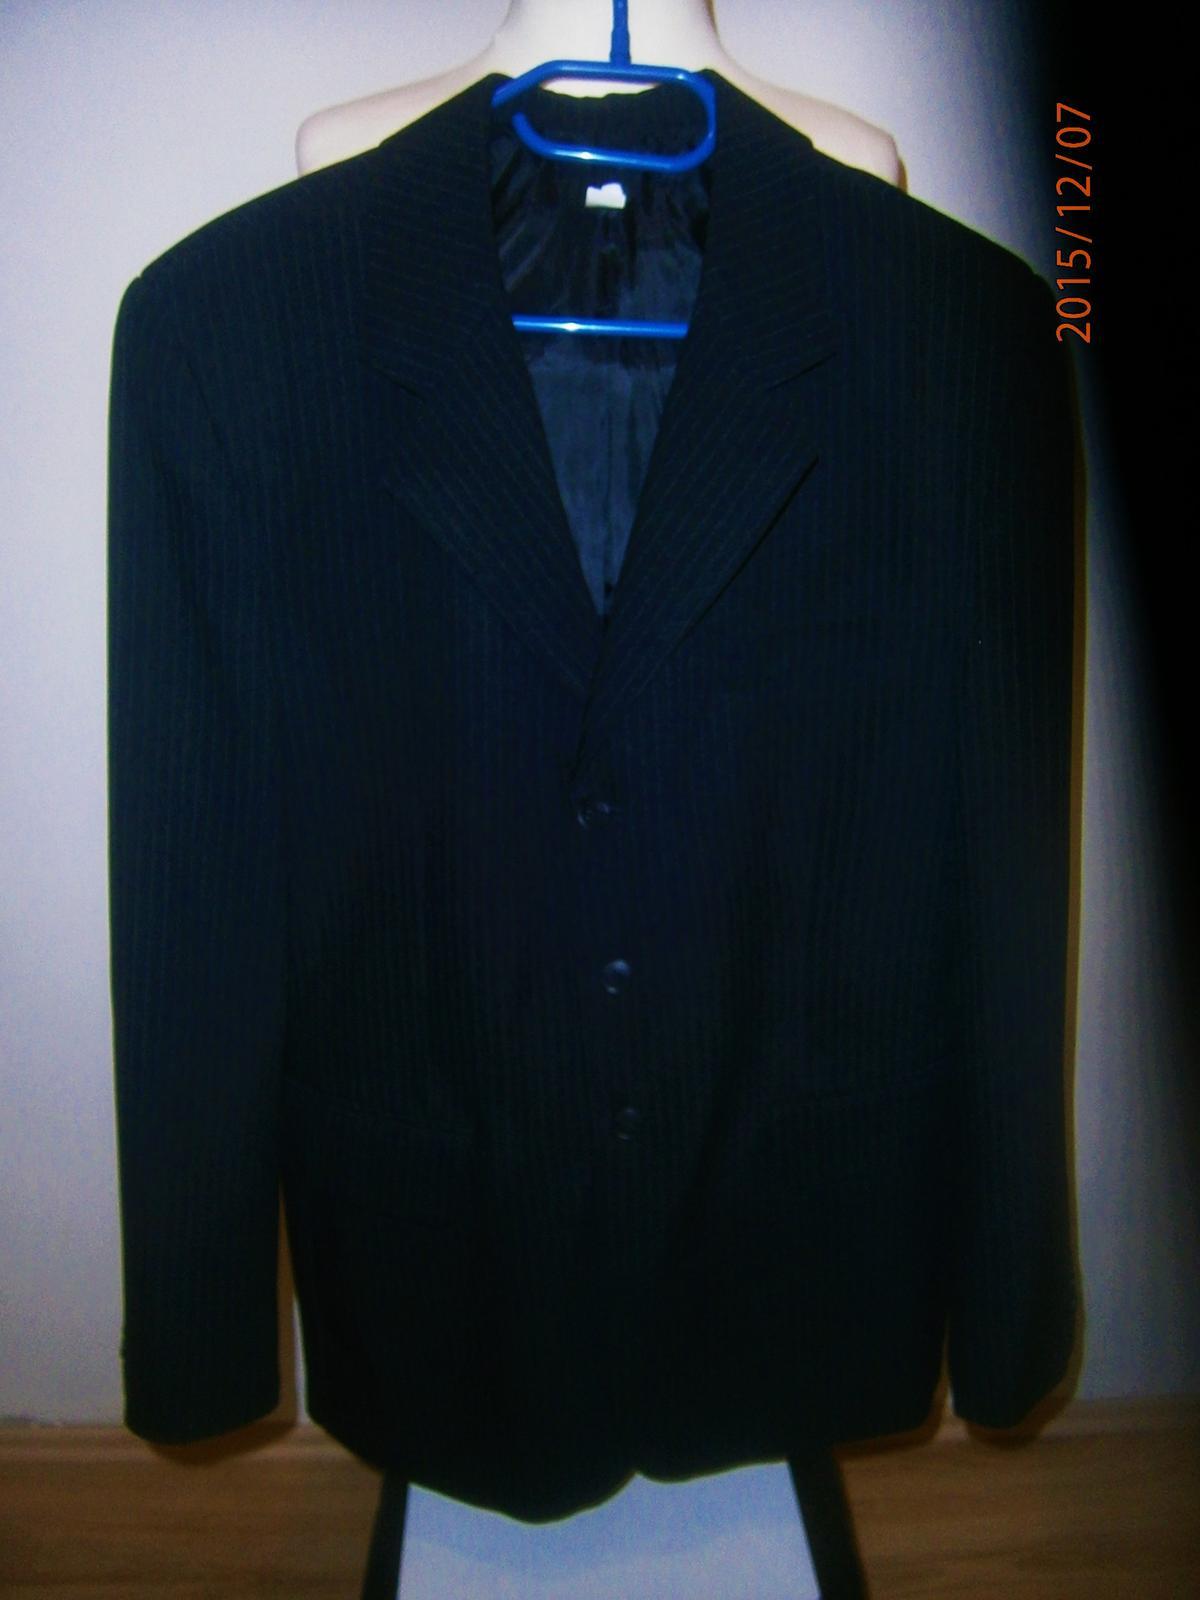 Oblek černý s proužkem vel.52 - Obrázek č. 2